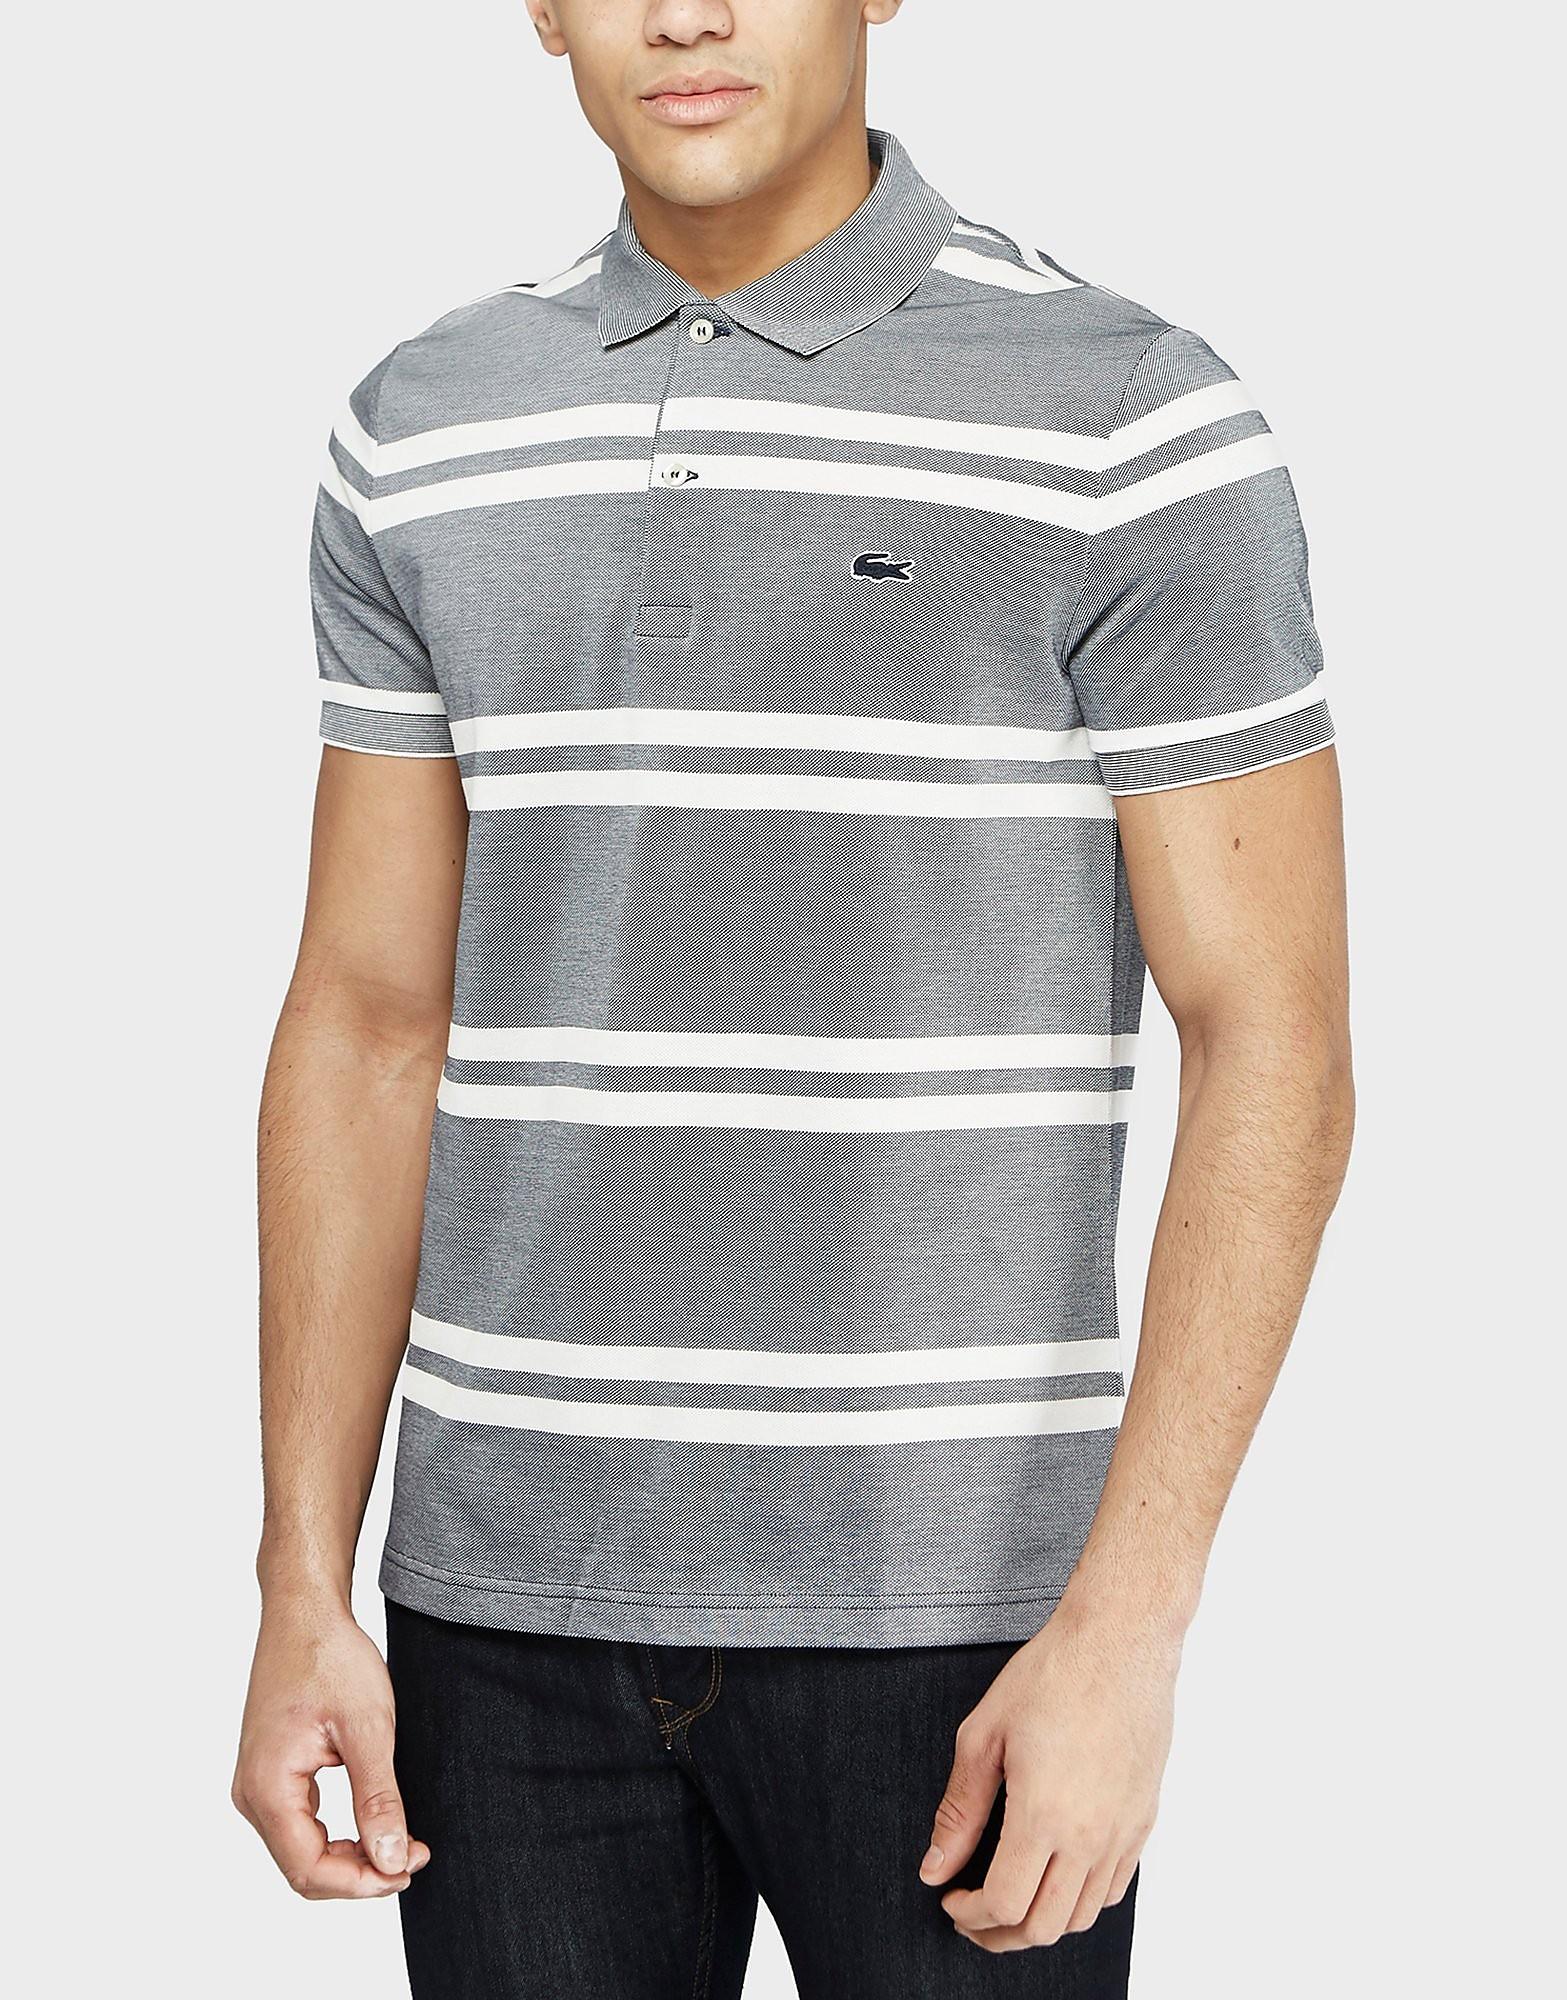 Lacoste Birds Stripe Polo Shirt